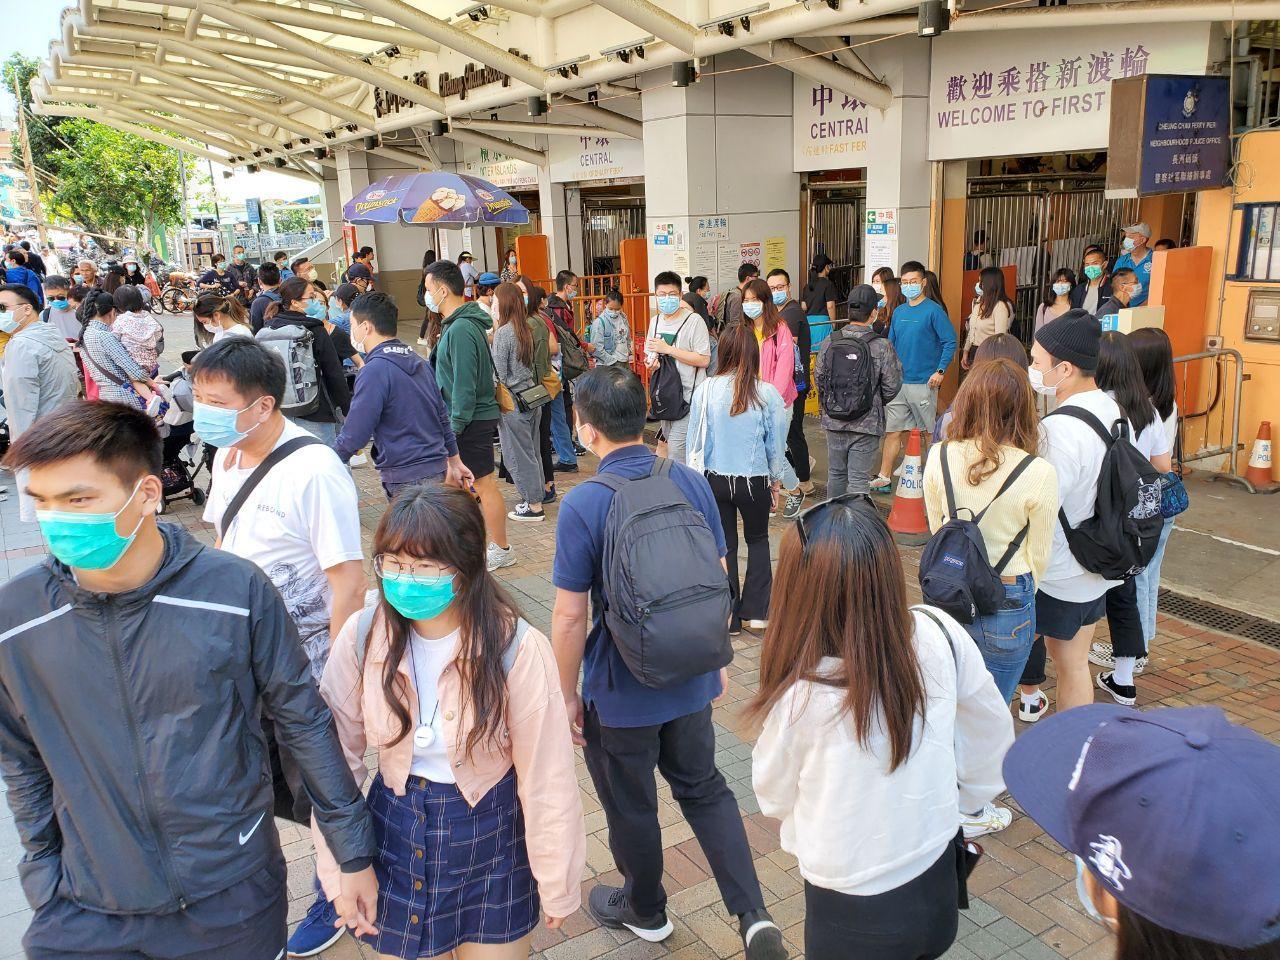 本港武漢肺炎(中共病毒)疫情近日似有回落趨勢,確診人數首度下降至個位數。不少市民亦趁着復活節長假期外出旅遊,離島等郊區更是極其熱鬧、人2020年復活節期間,很多人來到香港離島郊遊,有些人更是除罩(脫下口罩)抓緊呼吸新鮮空氣。衞生防護中心張竹君醫生表示,切莫忽視 2 周的潛伏期,呼籲市民不要掉以輕心。(宋碧龍 / 大紀元)